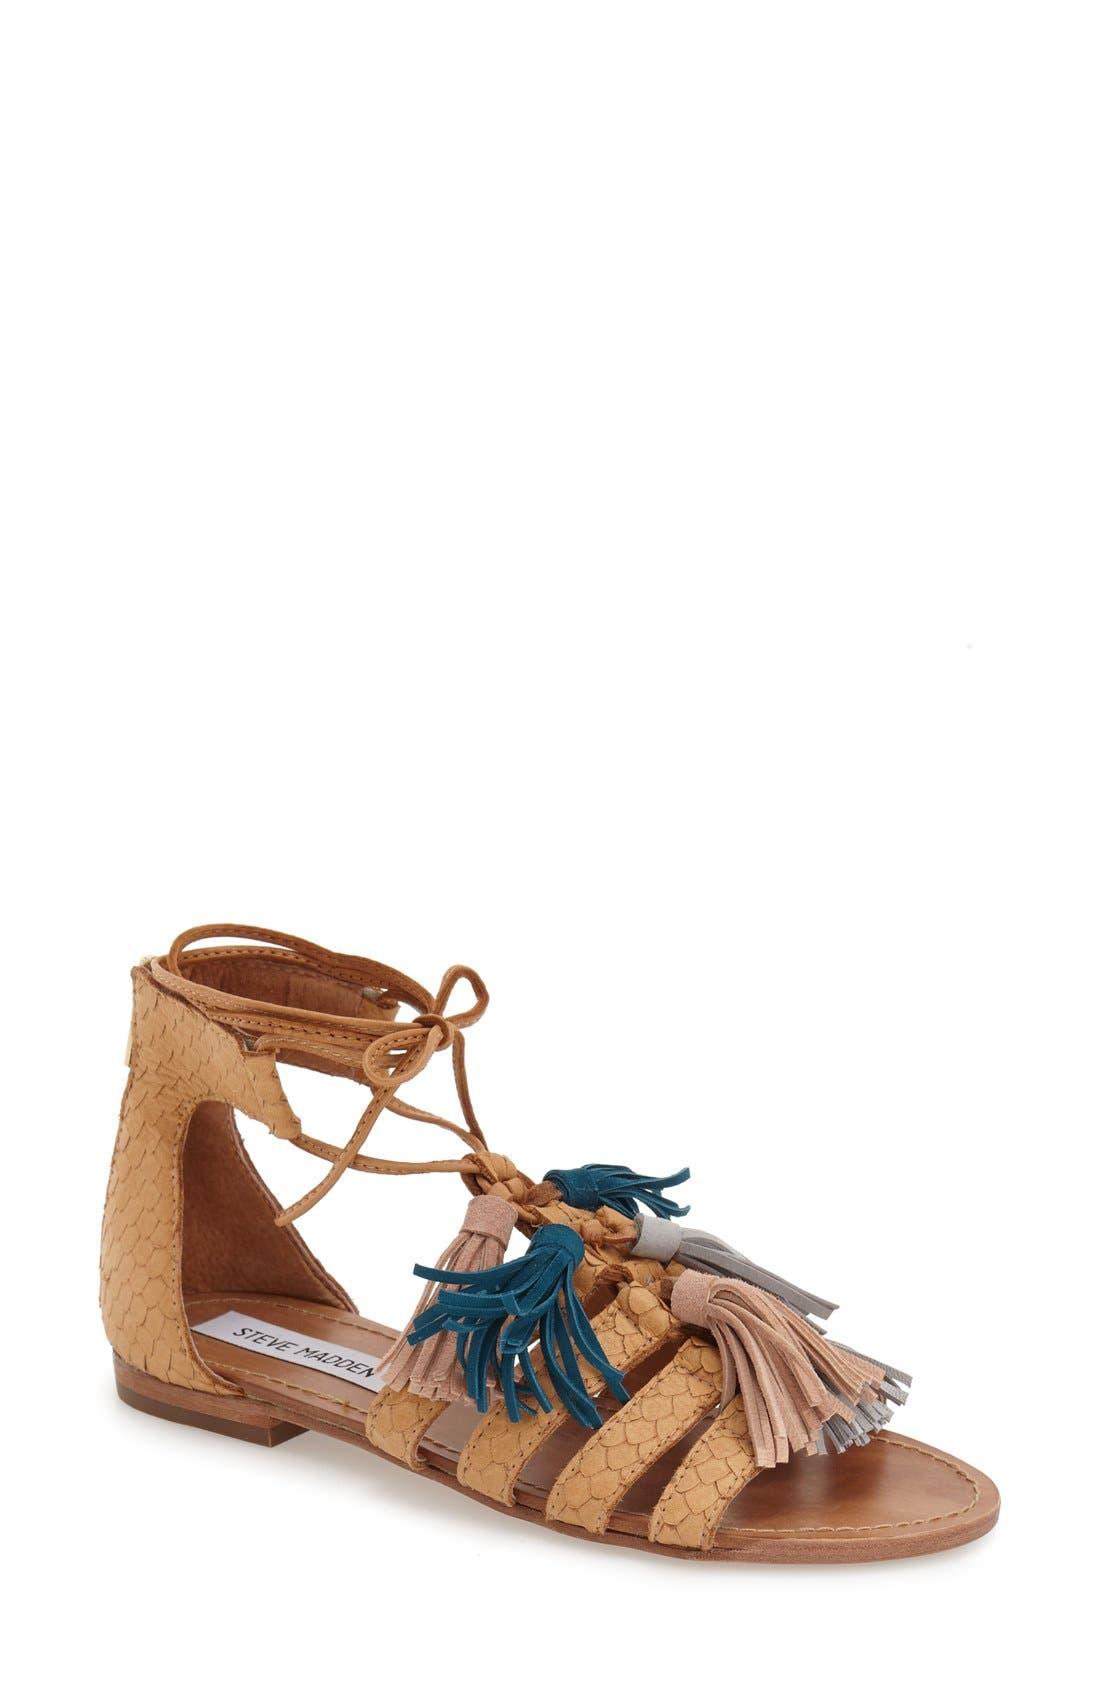 Main Image - Steve Madden 'Monrowe' Tassel Sandal (Women)